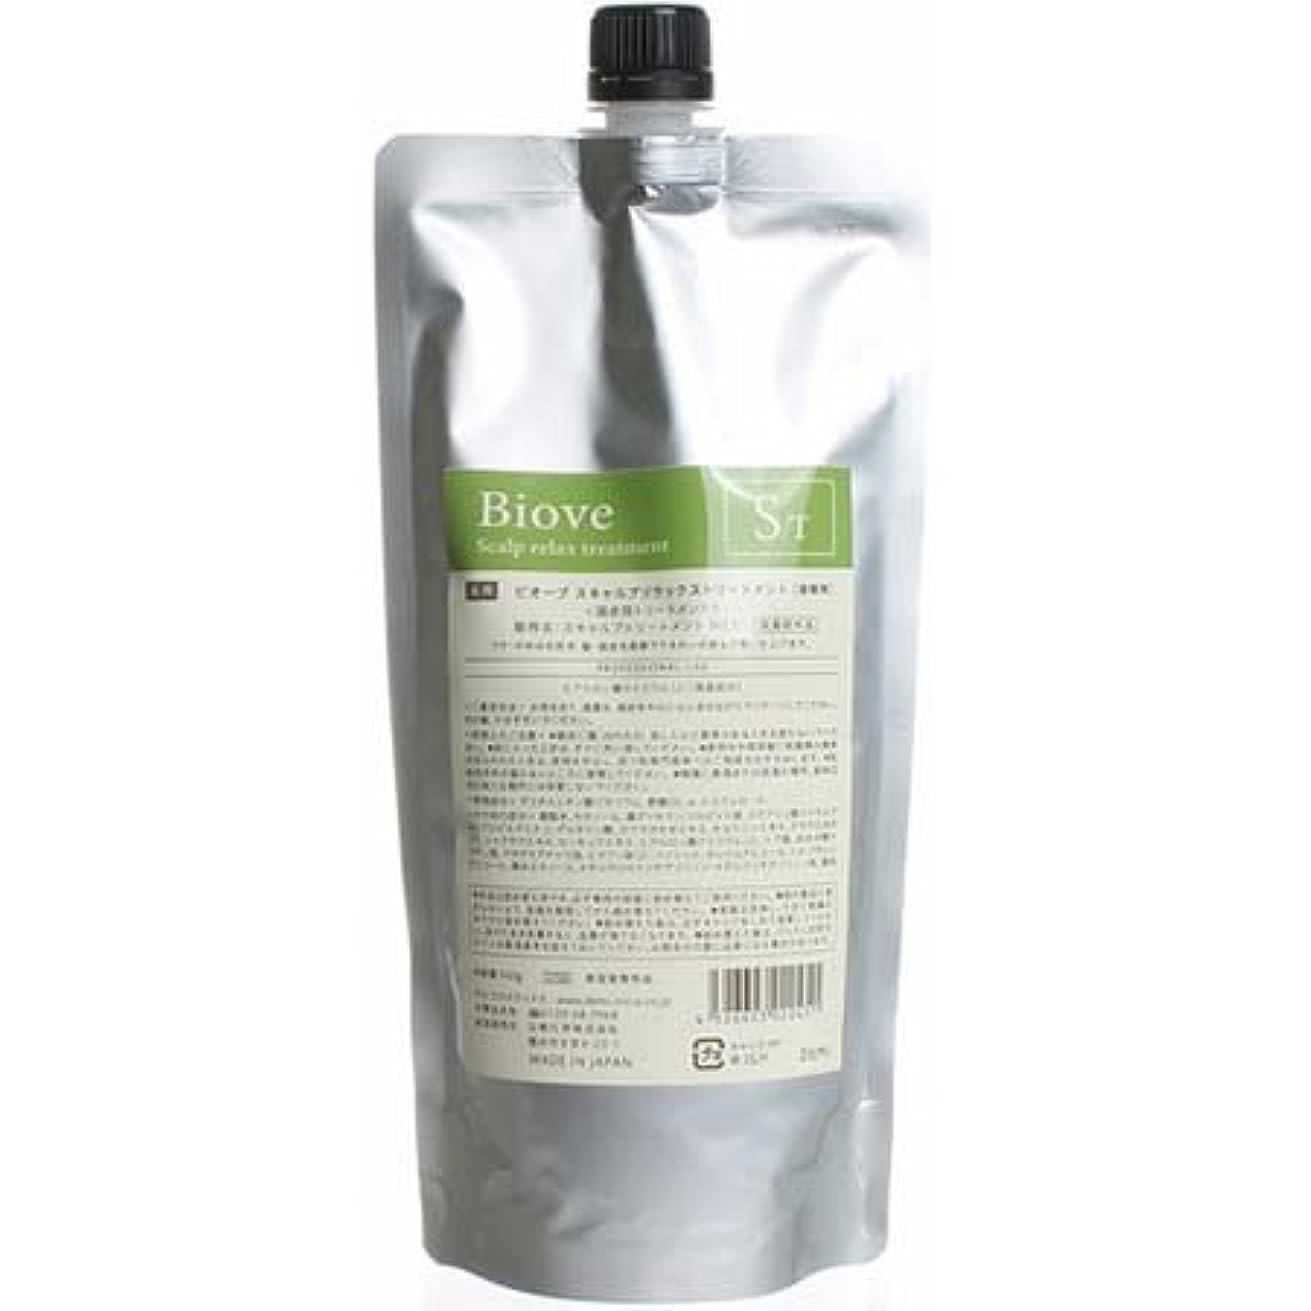 修正ゆり絶滅したデミ〈ビオーブ〉スキャルプリラックス トリートメント[医薬部外品] 詰替用450g